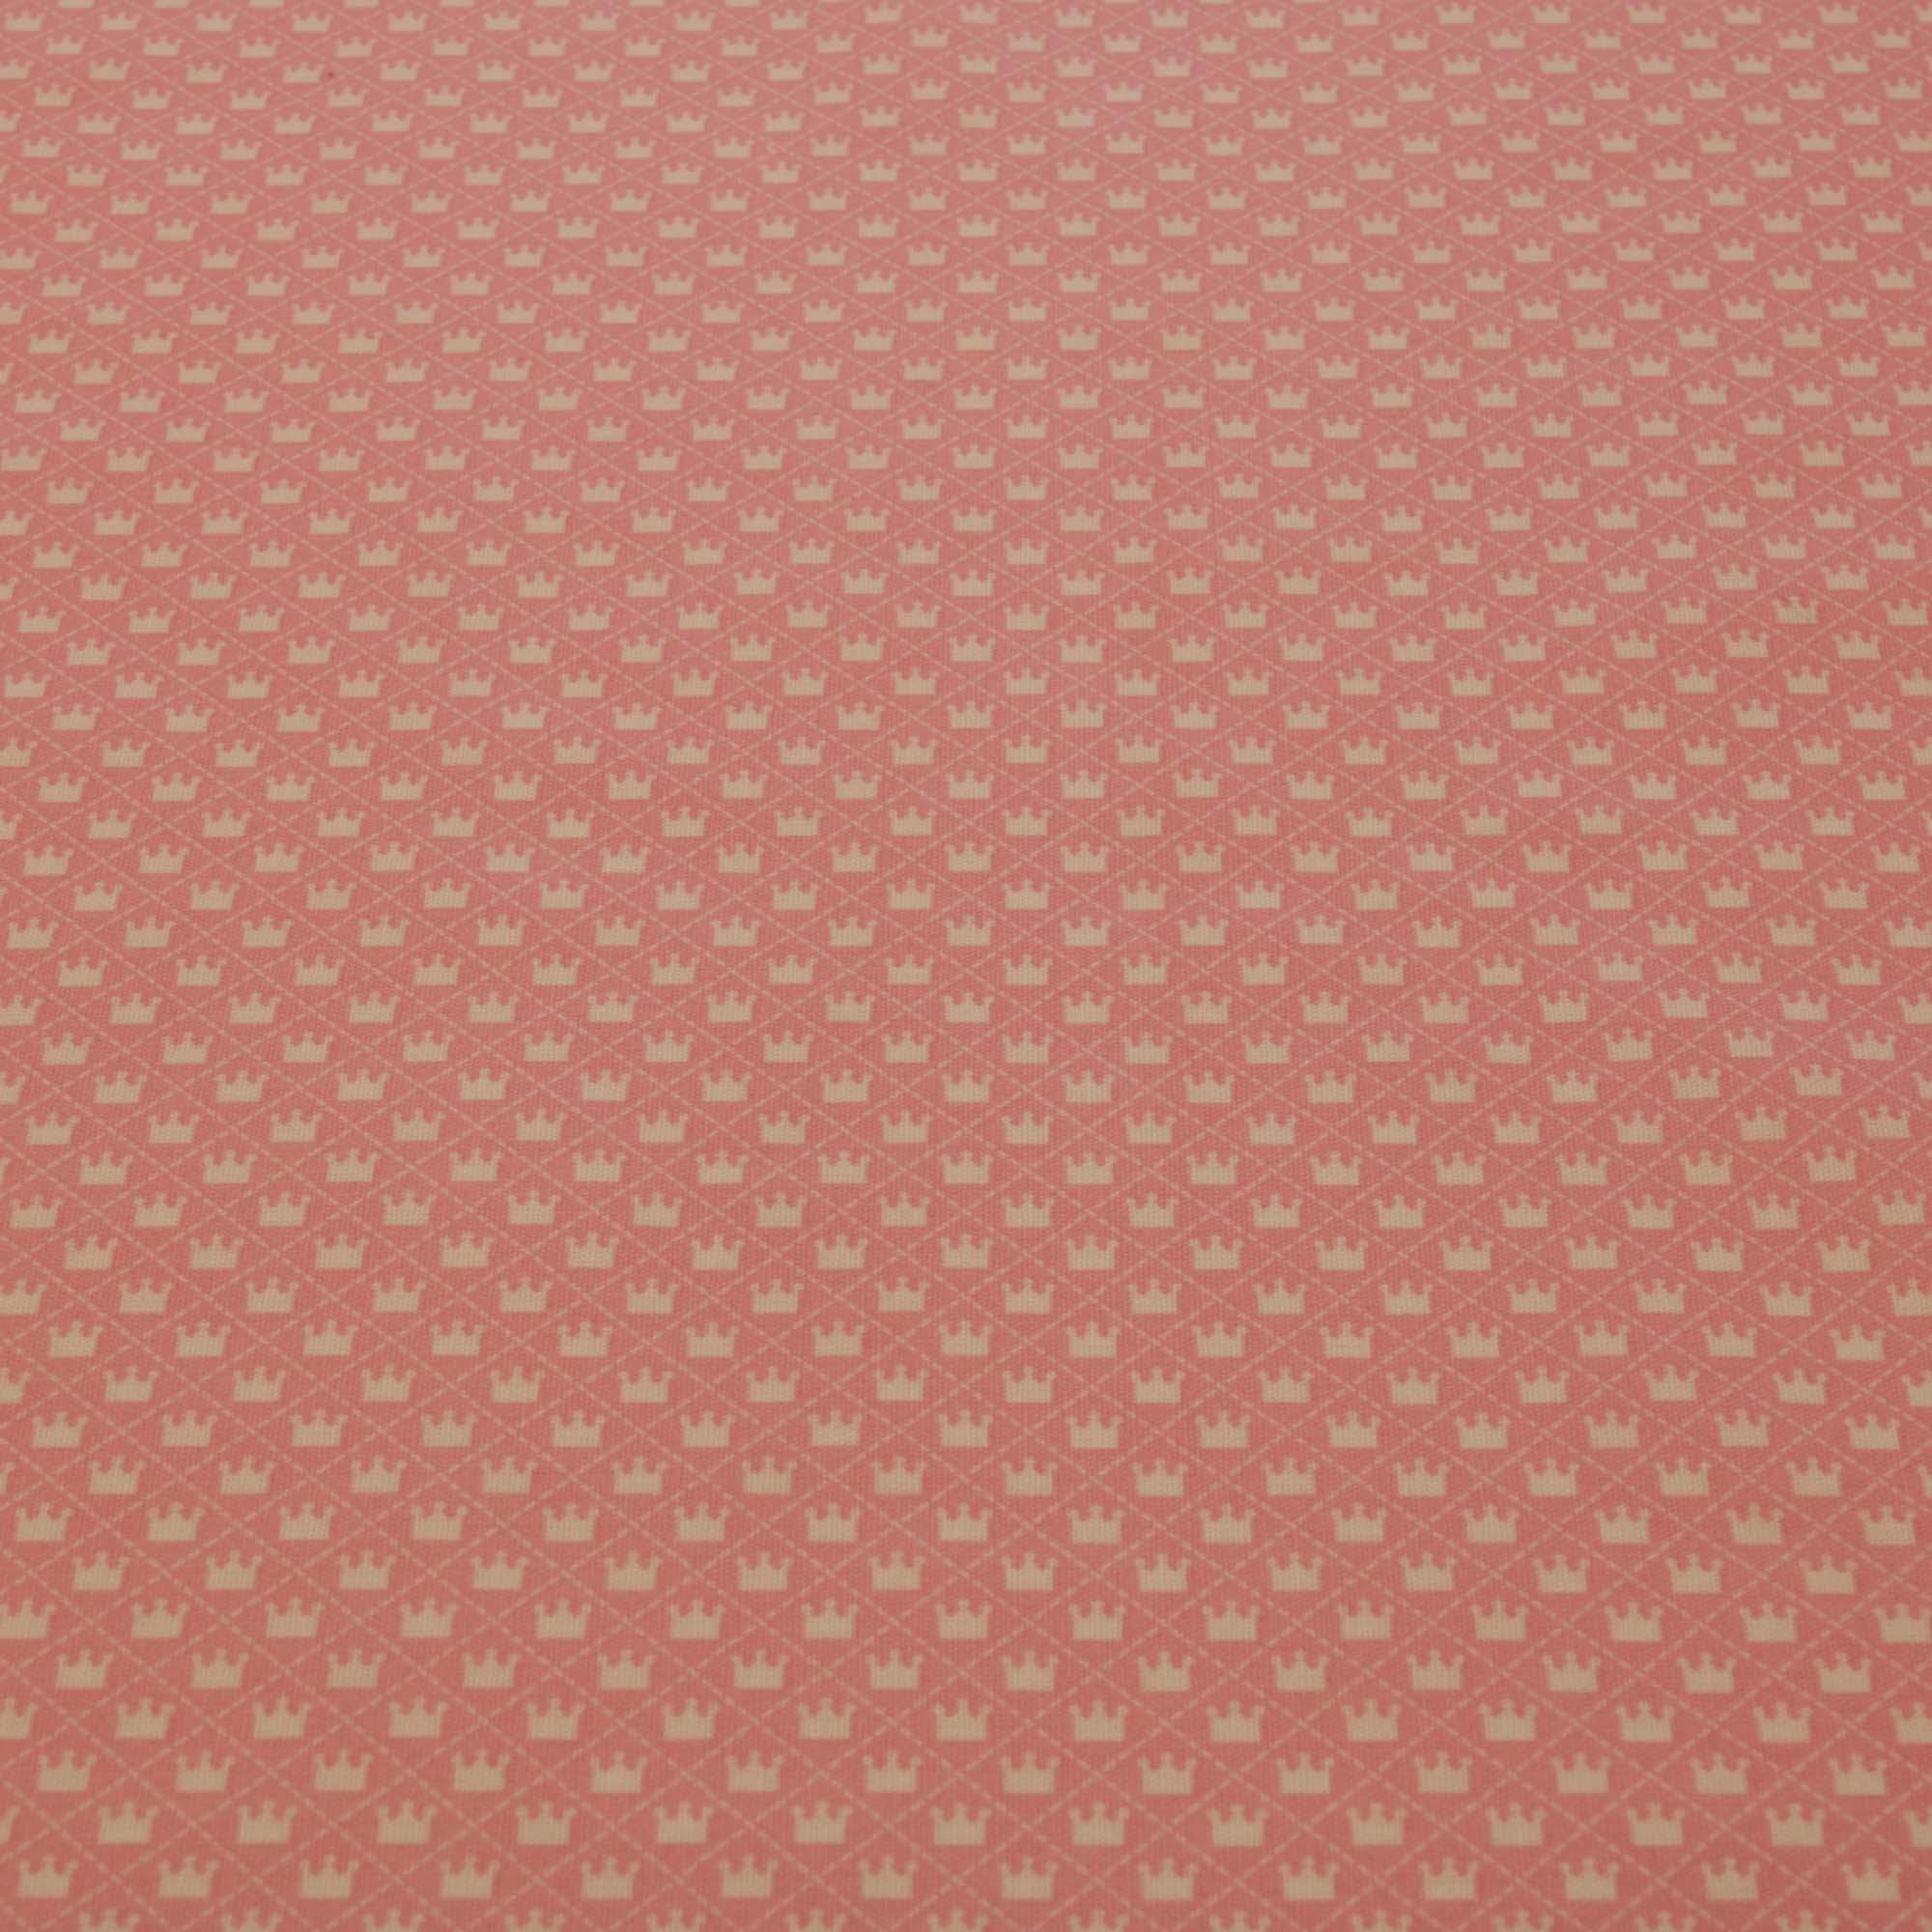 Tecido tricoline estampado coroa 1,40 m largura rosa